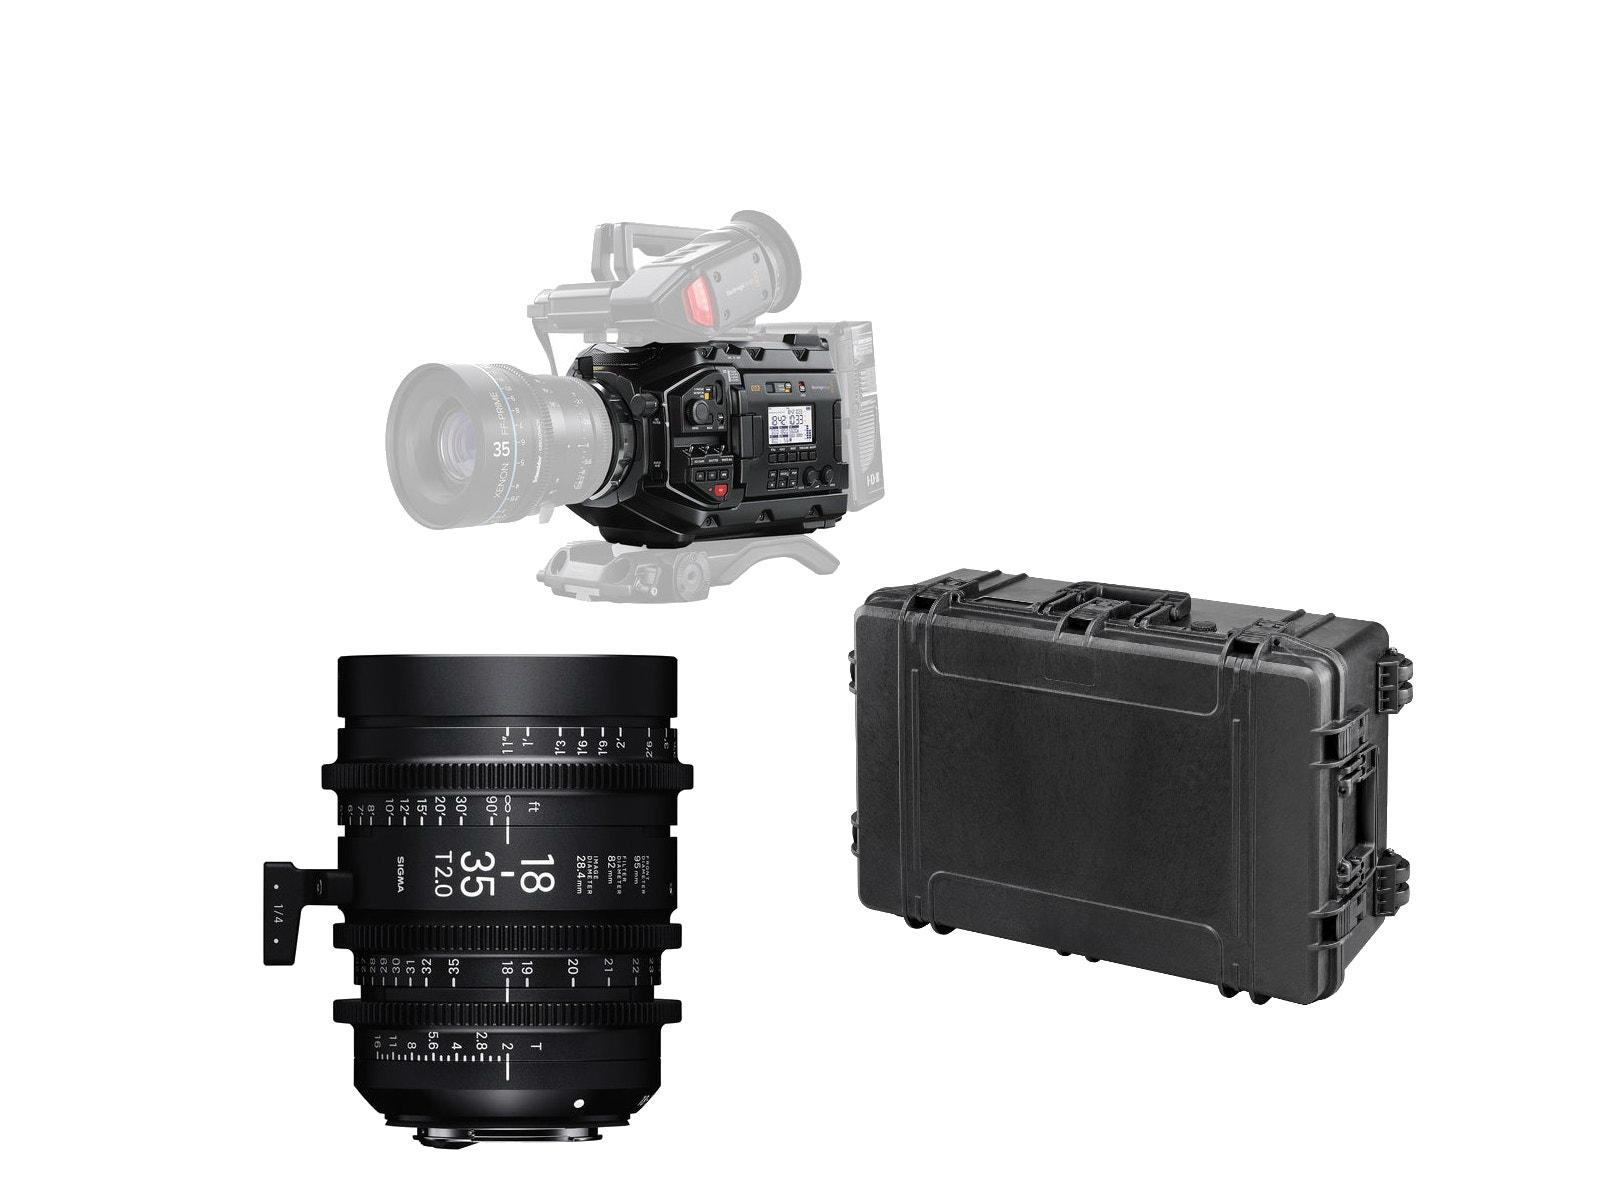 Recc'd Camera and Lens